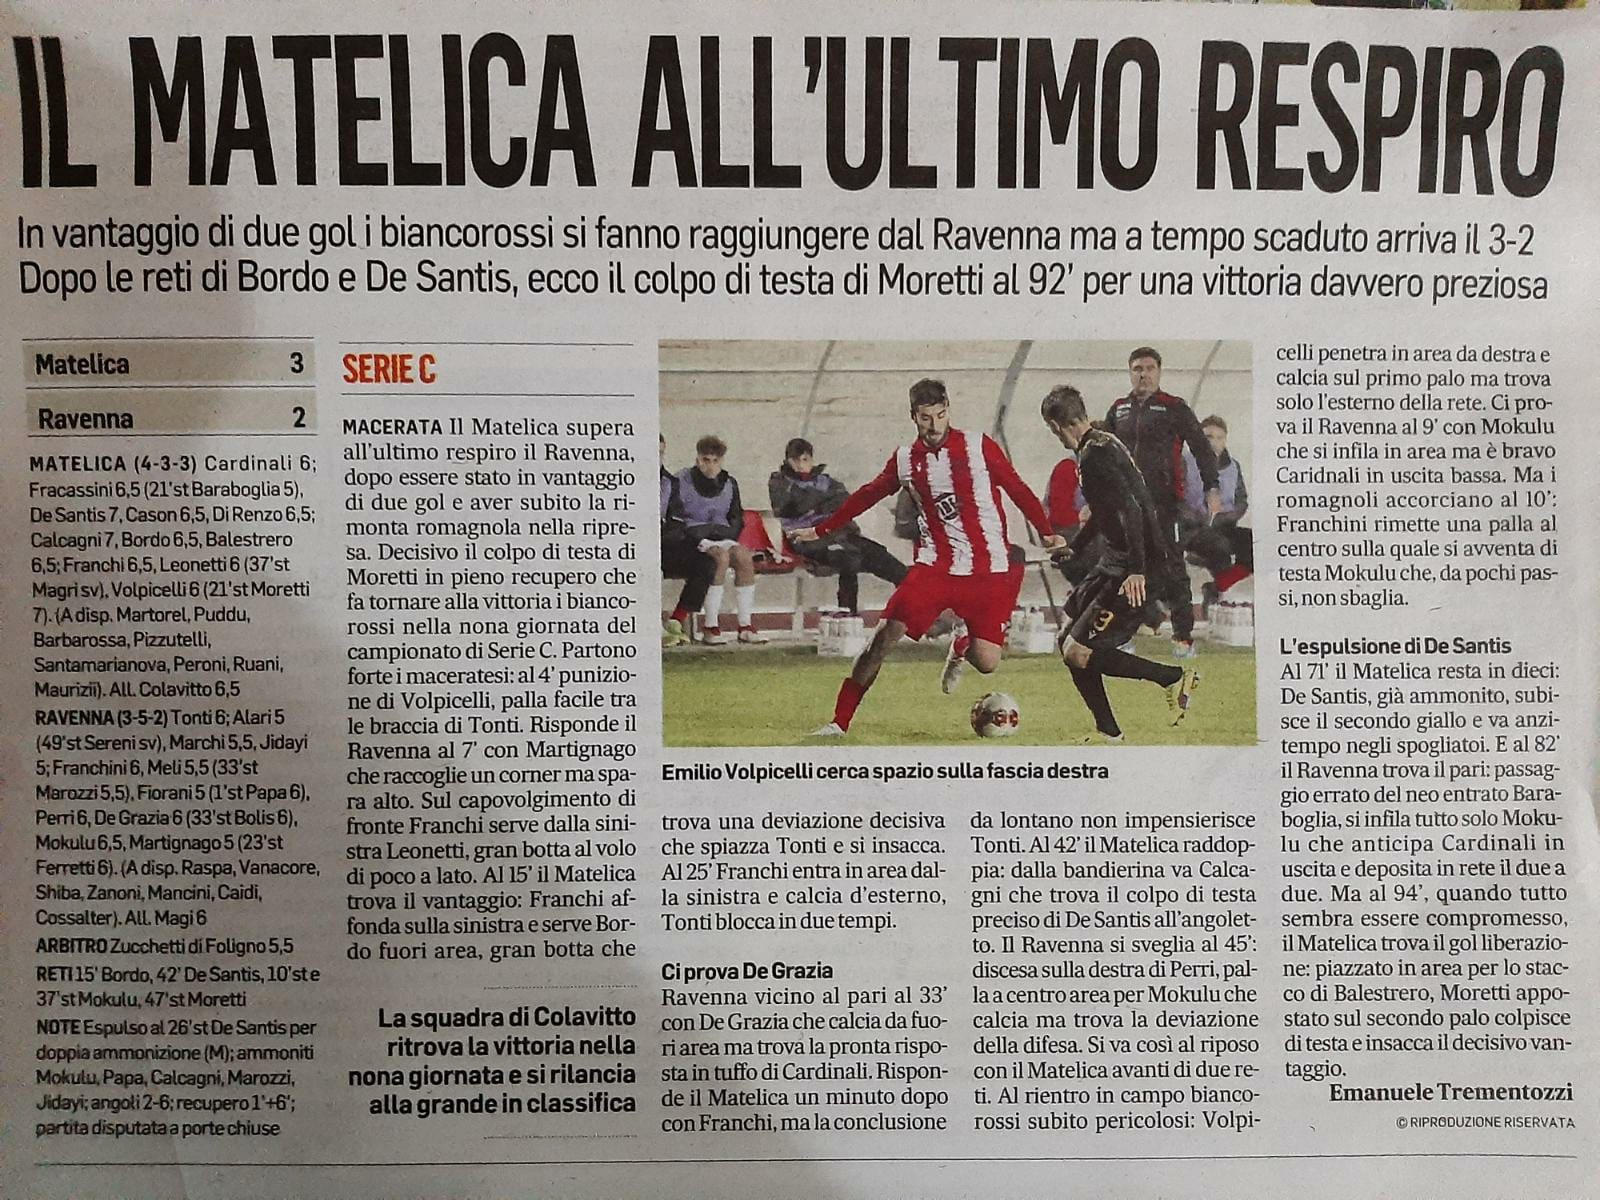 Matelica all'ultimo respiro (Corriere Adriatico)